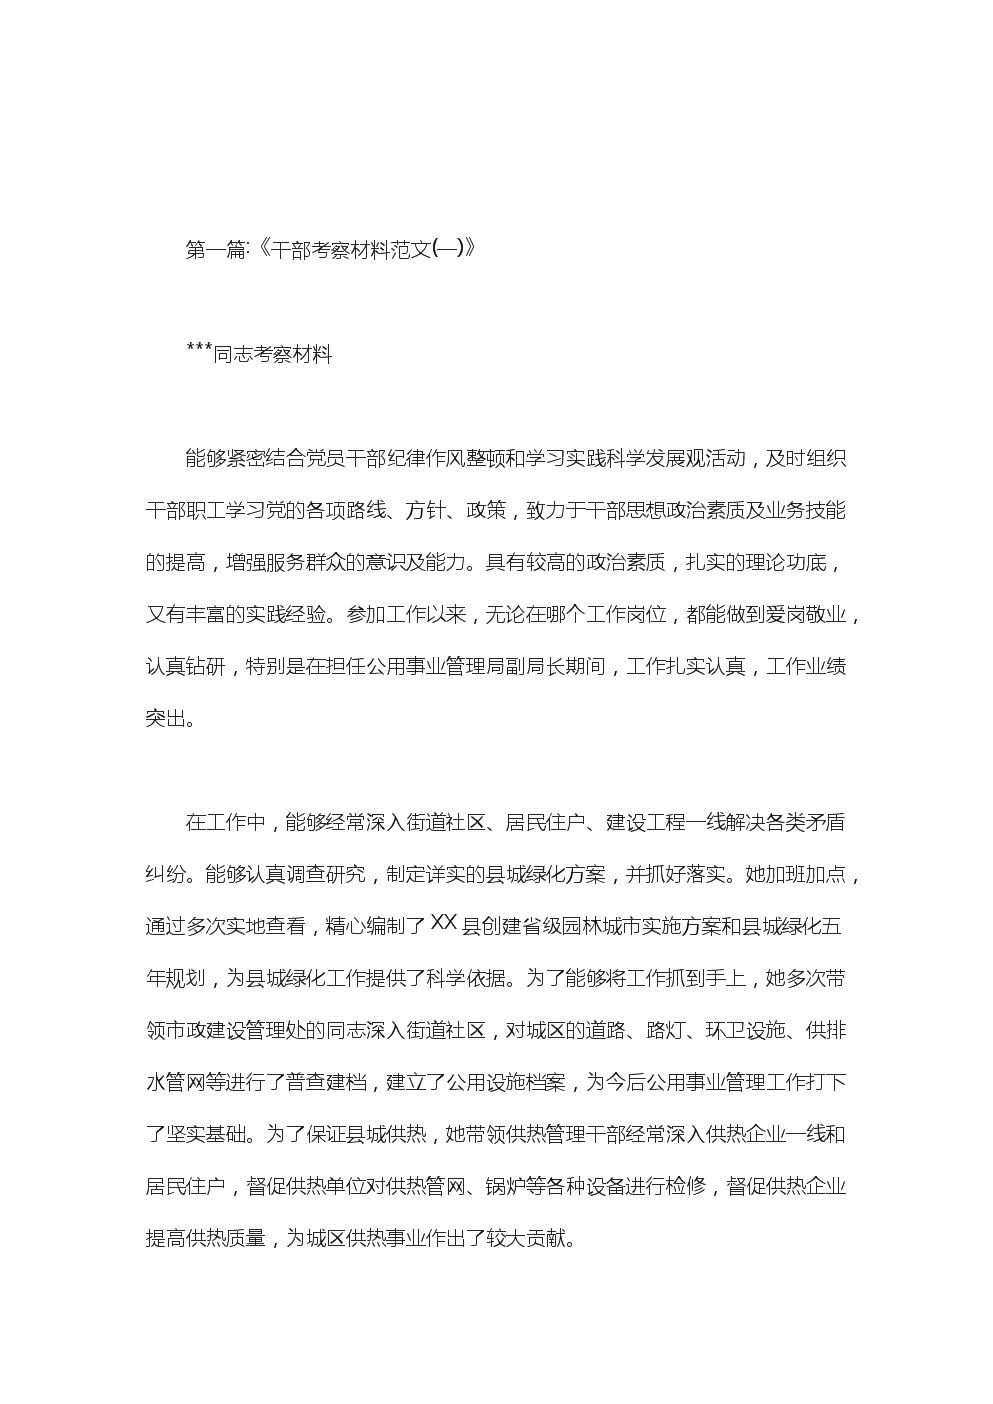 组织干事考察材料范文.doc